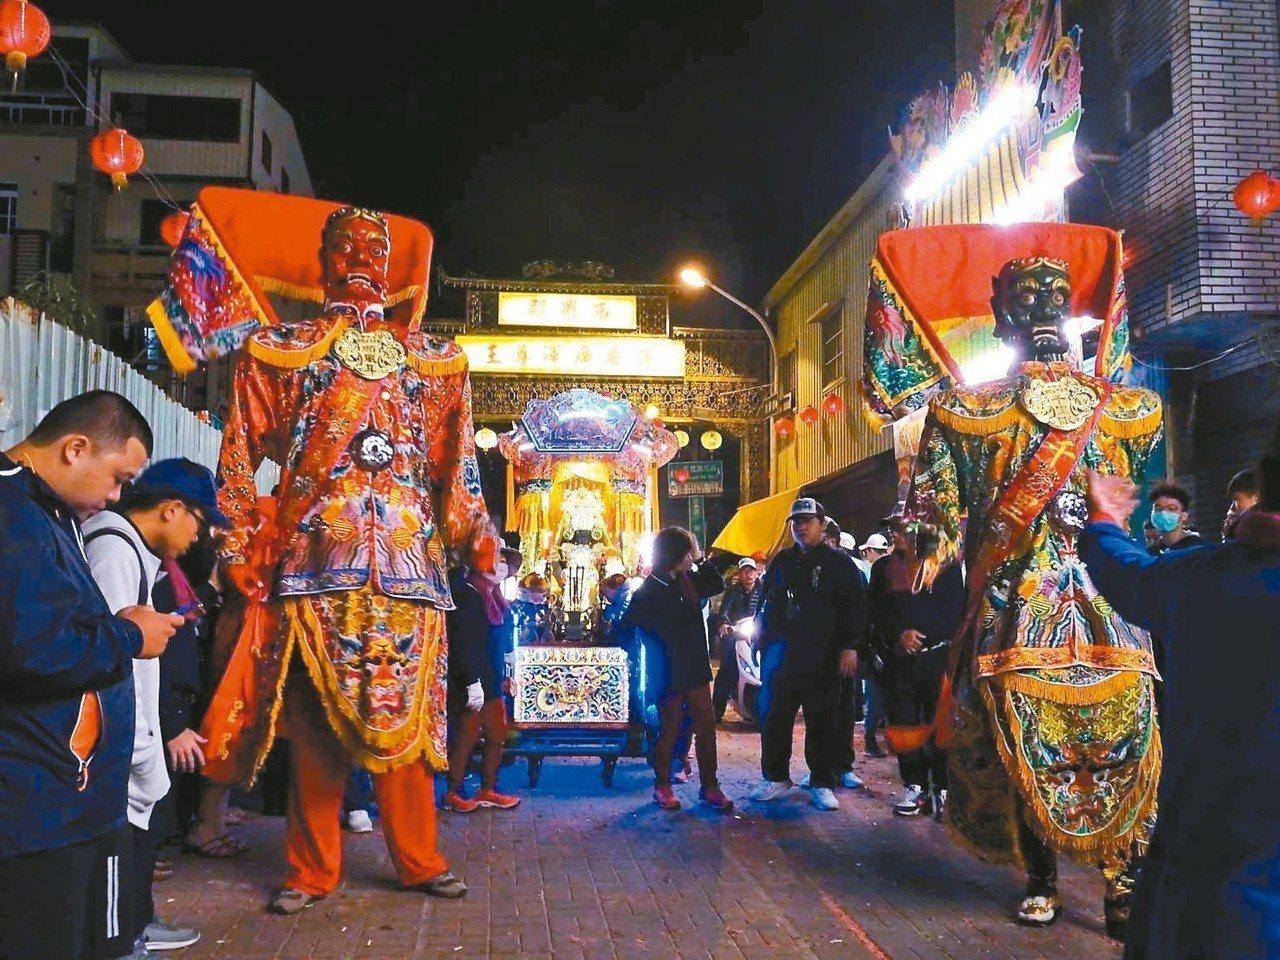 台南中西區西羅殿前天舉辦建醮活動的「送天師」,持續熱鬧到昨天凌晨4時才結束。 圖...